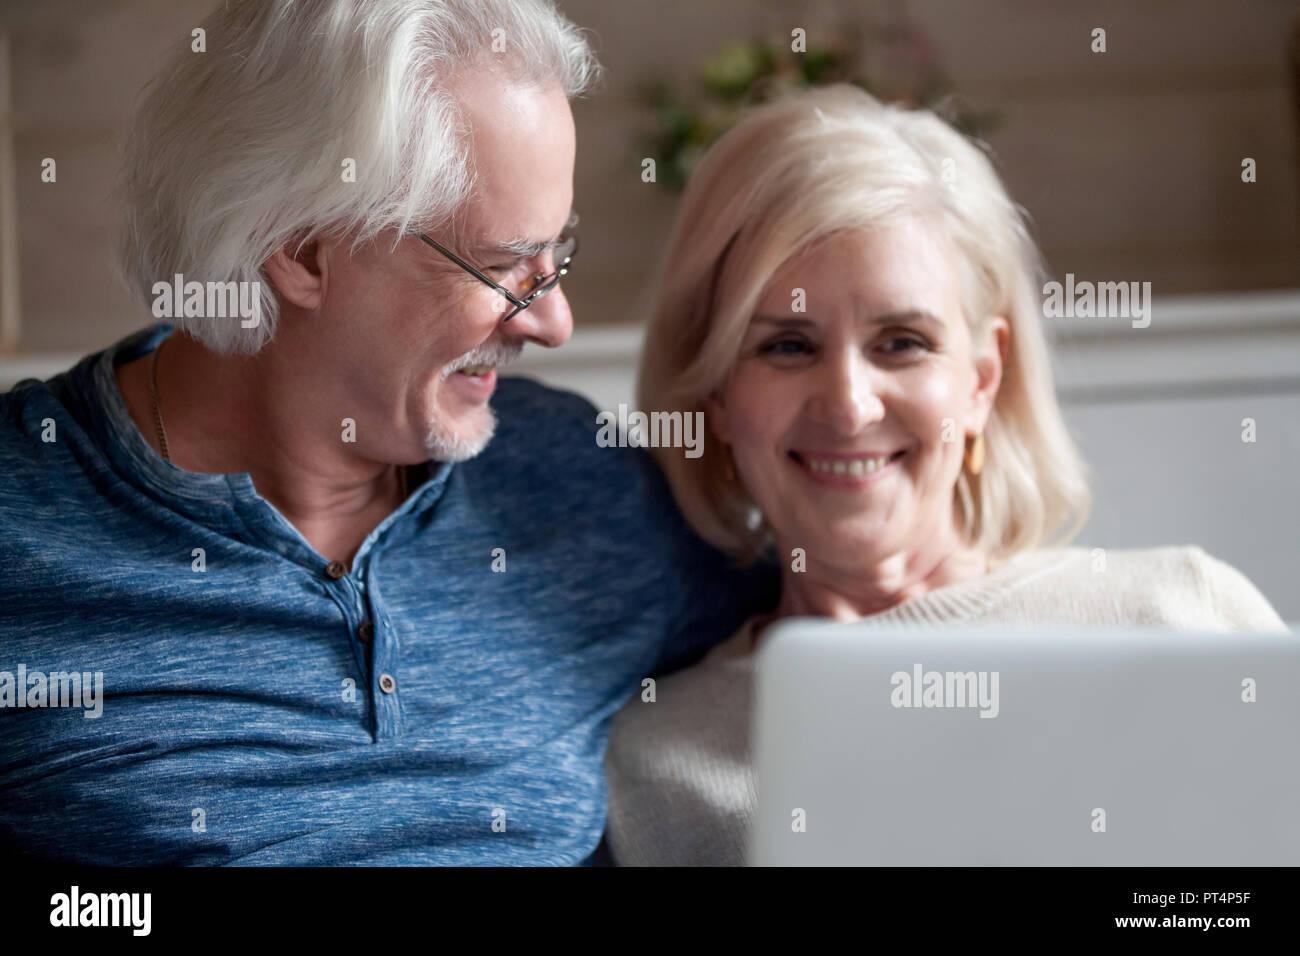 Dating kvinna två gånger din ålder